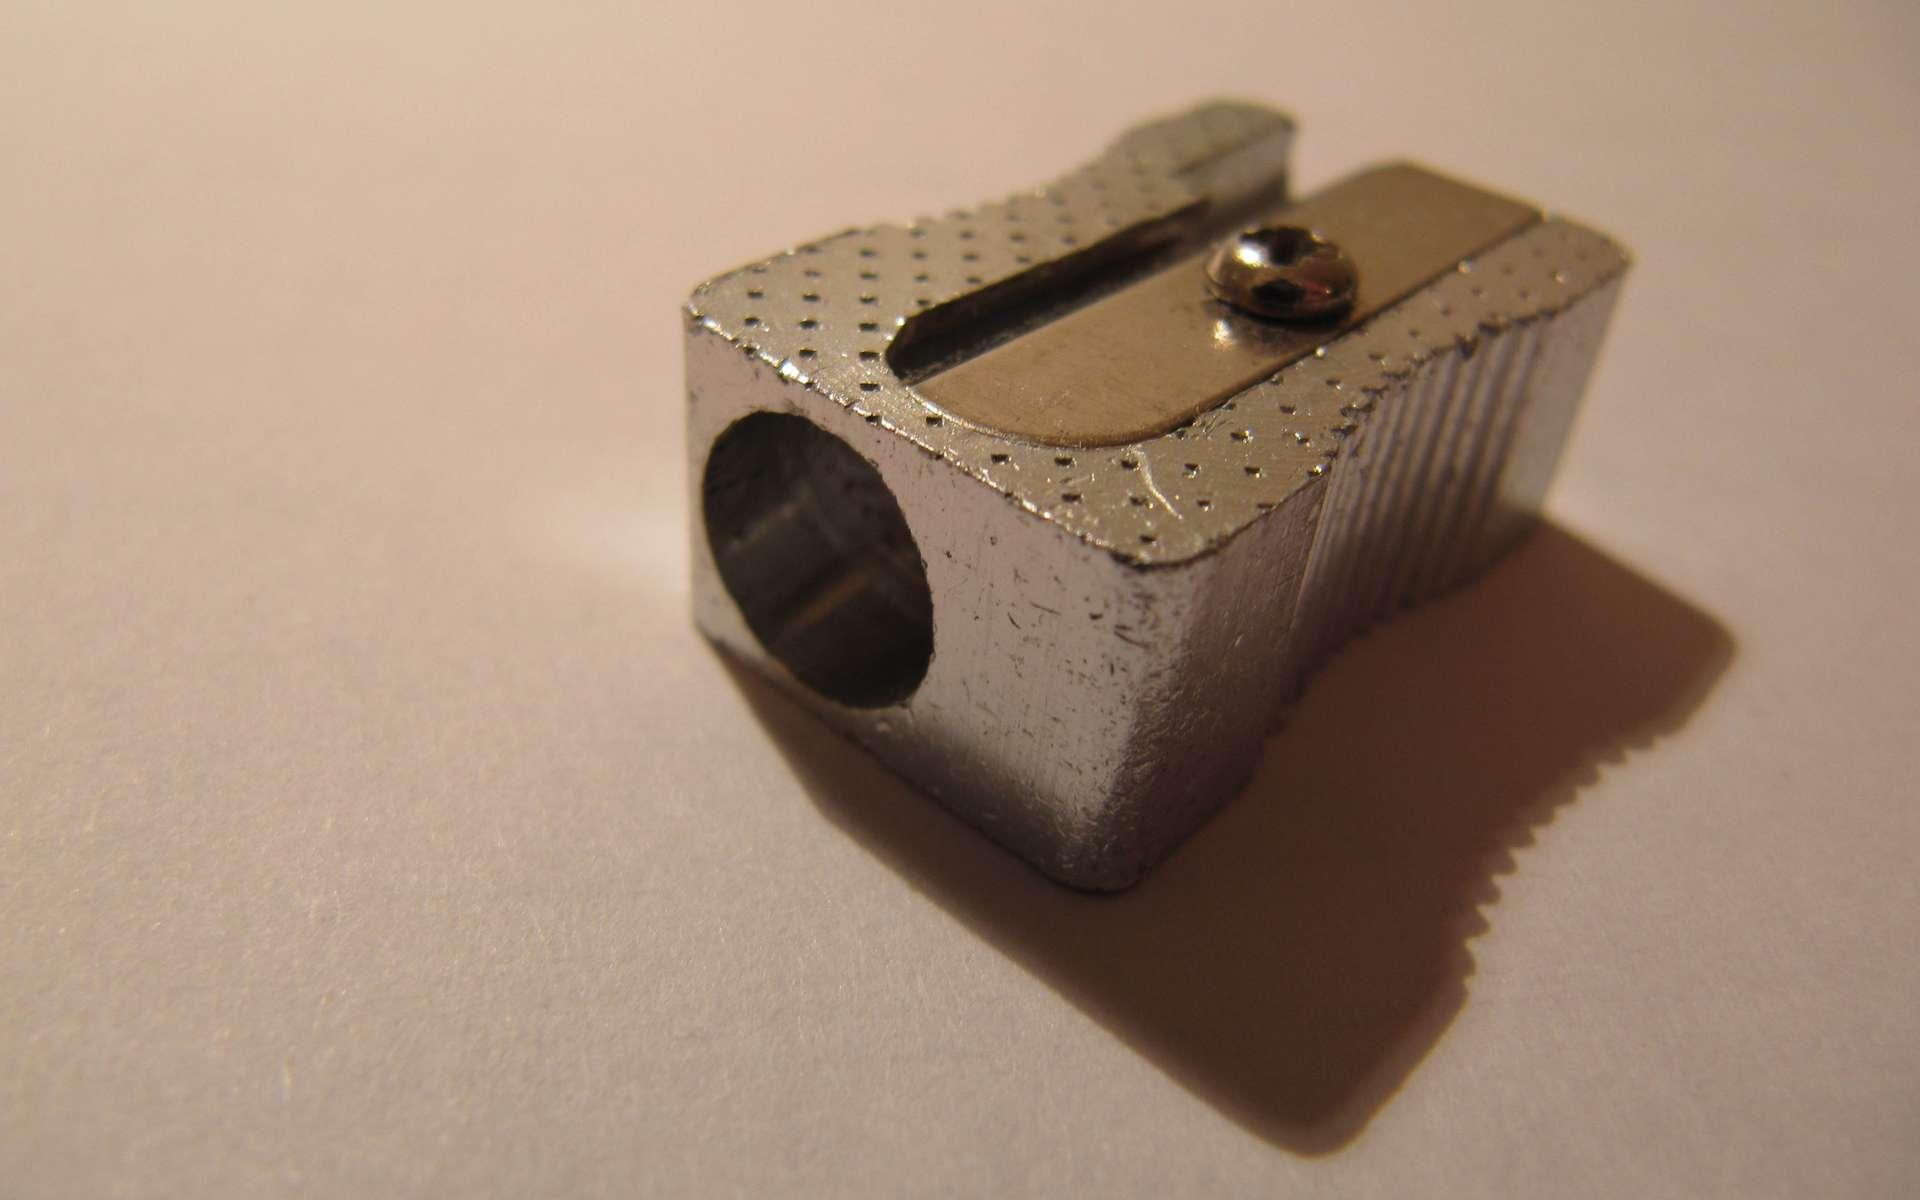 Le taille-crayon, l'outil des trousses d'enfance. L'objet se collectionne, on est alors un molubdotemophile. © Onyssius, CC BY-SA 3.0, Wikimedia Commons